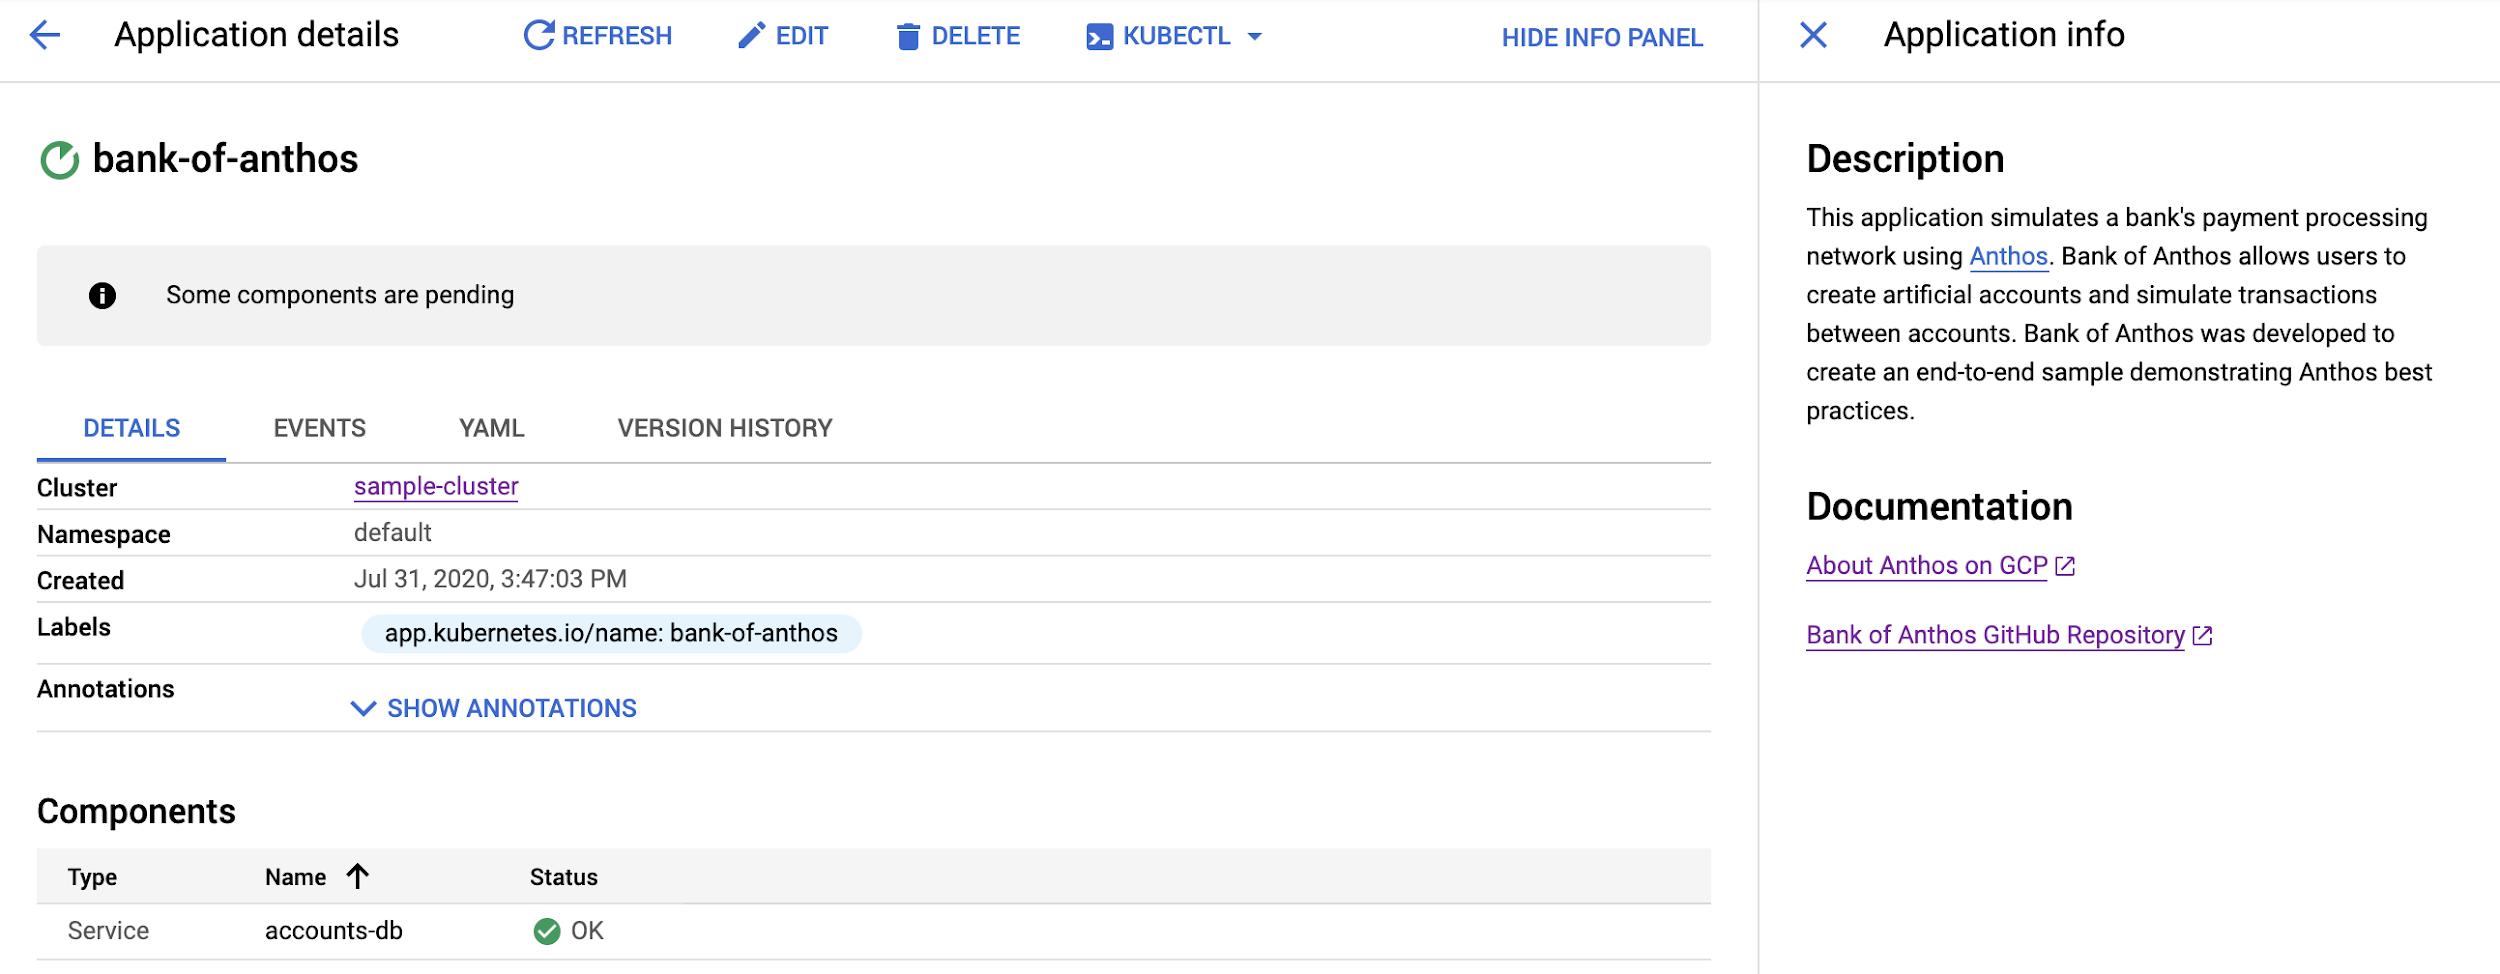 列表中的文档采用超链接格式。